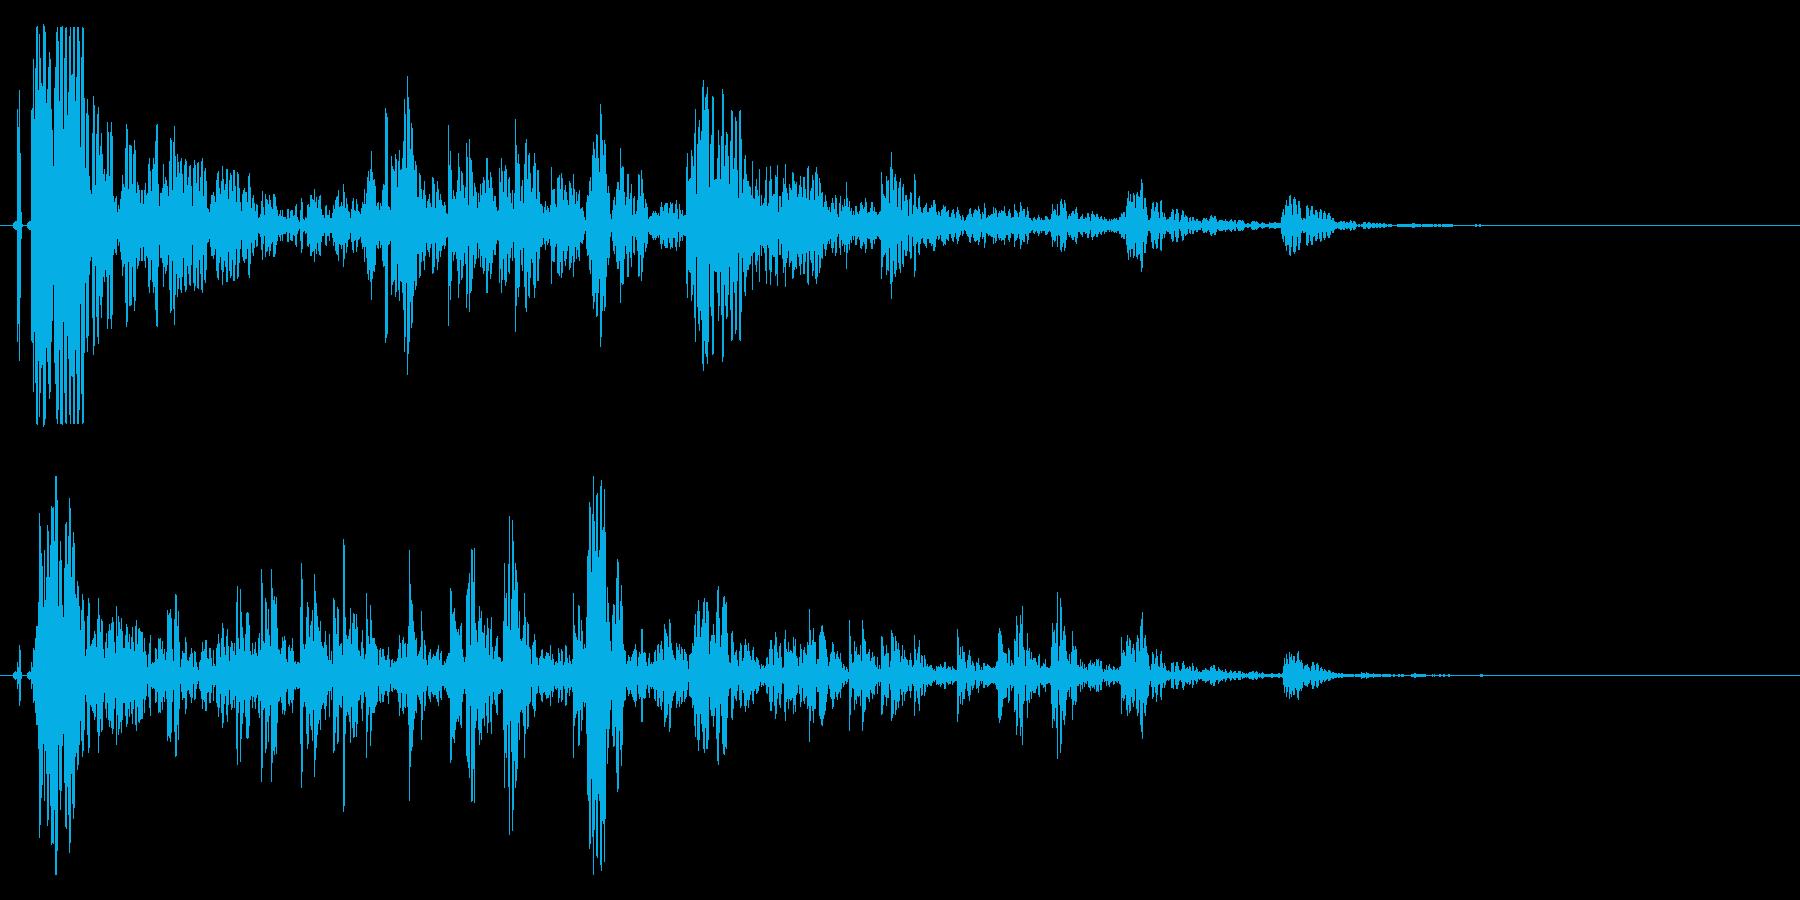 ドンパァ〜!本当にリアルな花火の効果音!の再生済みの波形